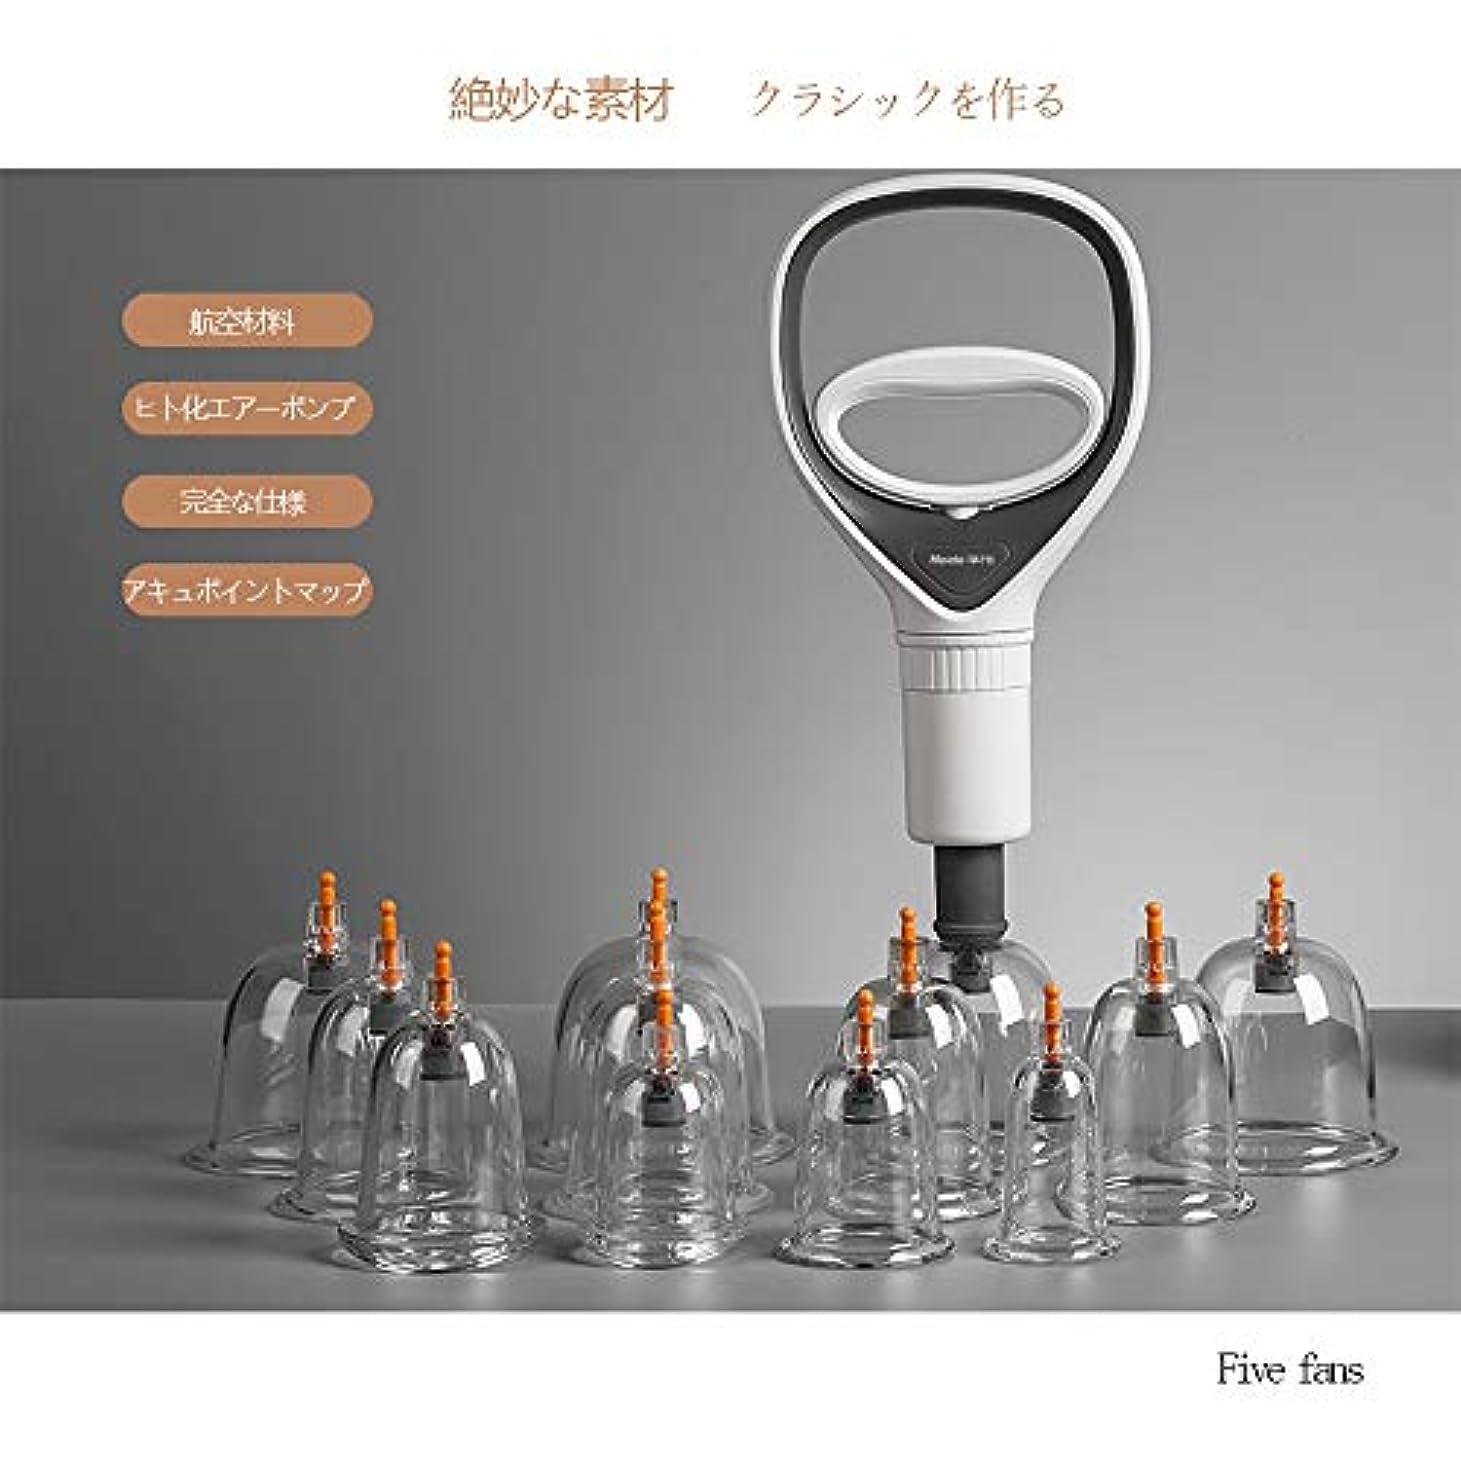 くま究極のグレーカッピング 吸い玉 マッサージカップ 磁気 ポンプ付きカッピングセット 疲労解消 血液の循環を刺激 各部位対応8種類 12個セット(ギフトボックス付き)